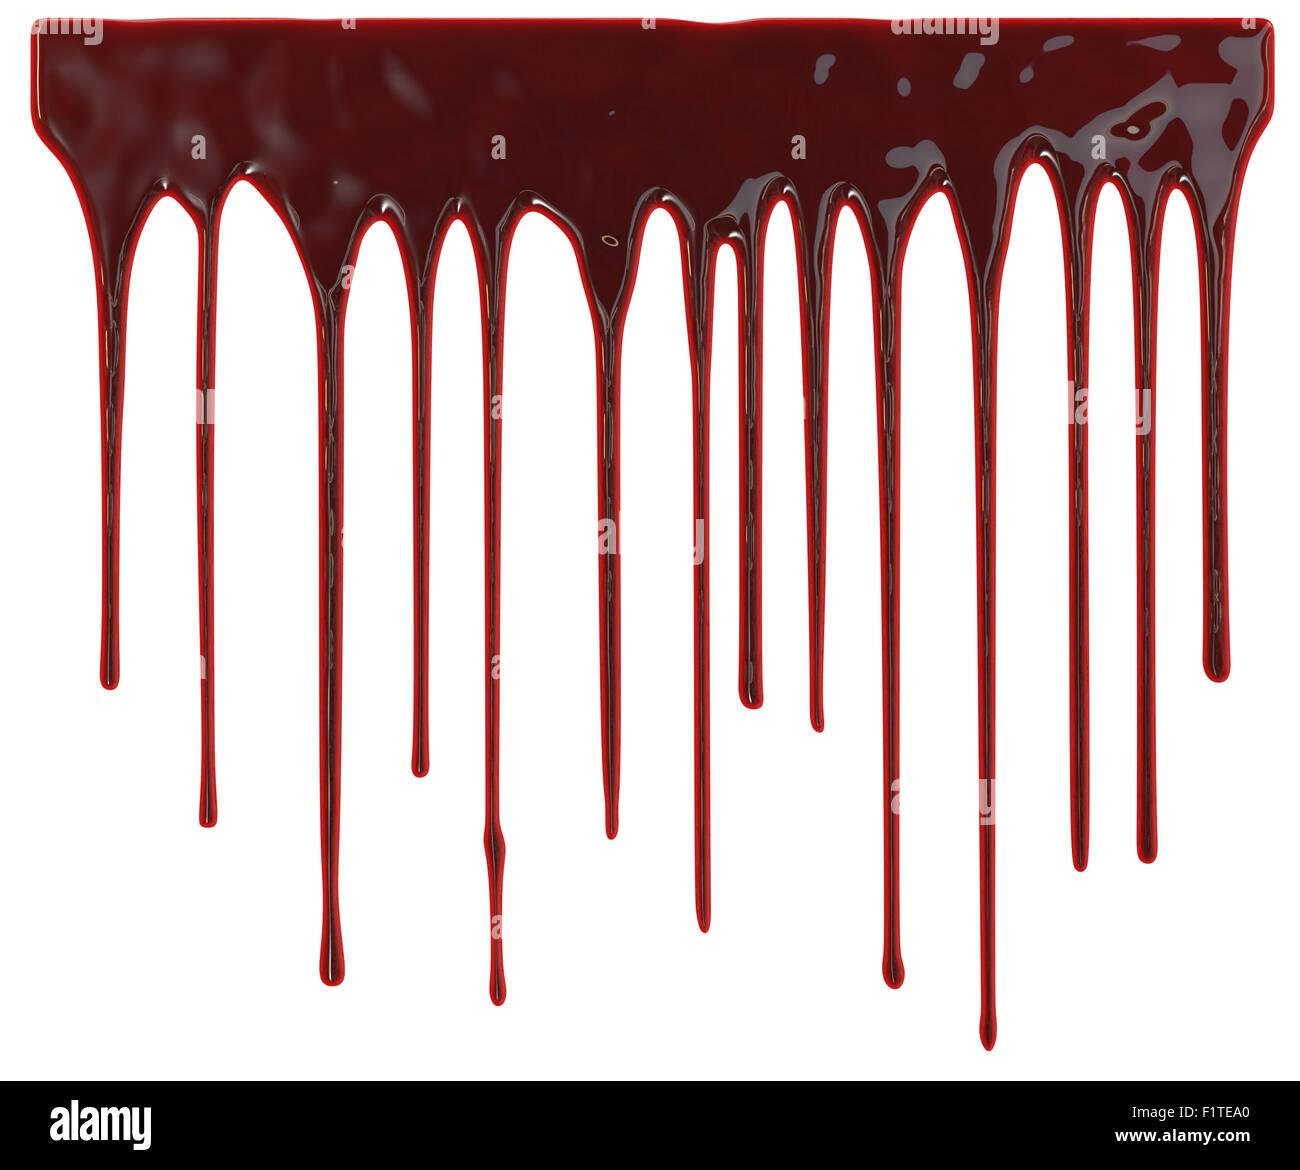 Blut tropfte auf weißem Hintergrund Stockfoto